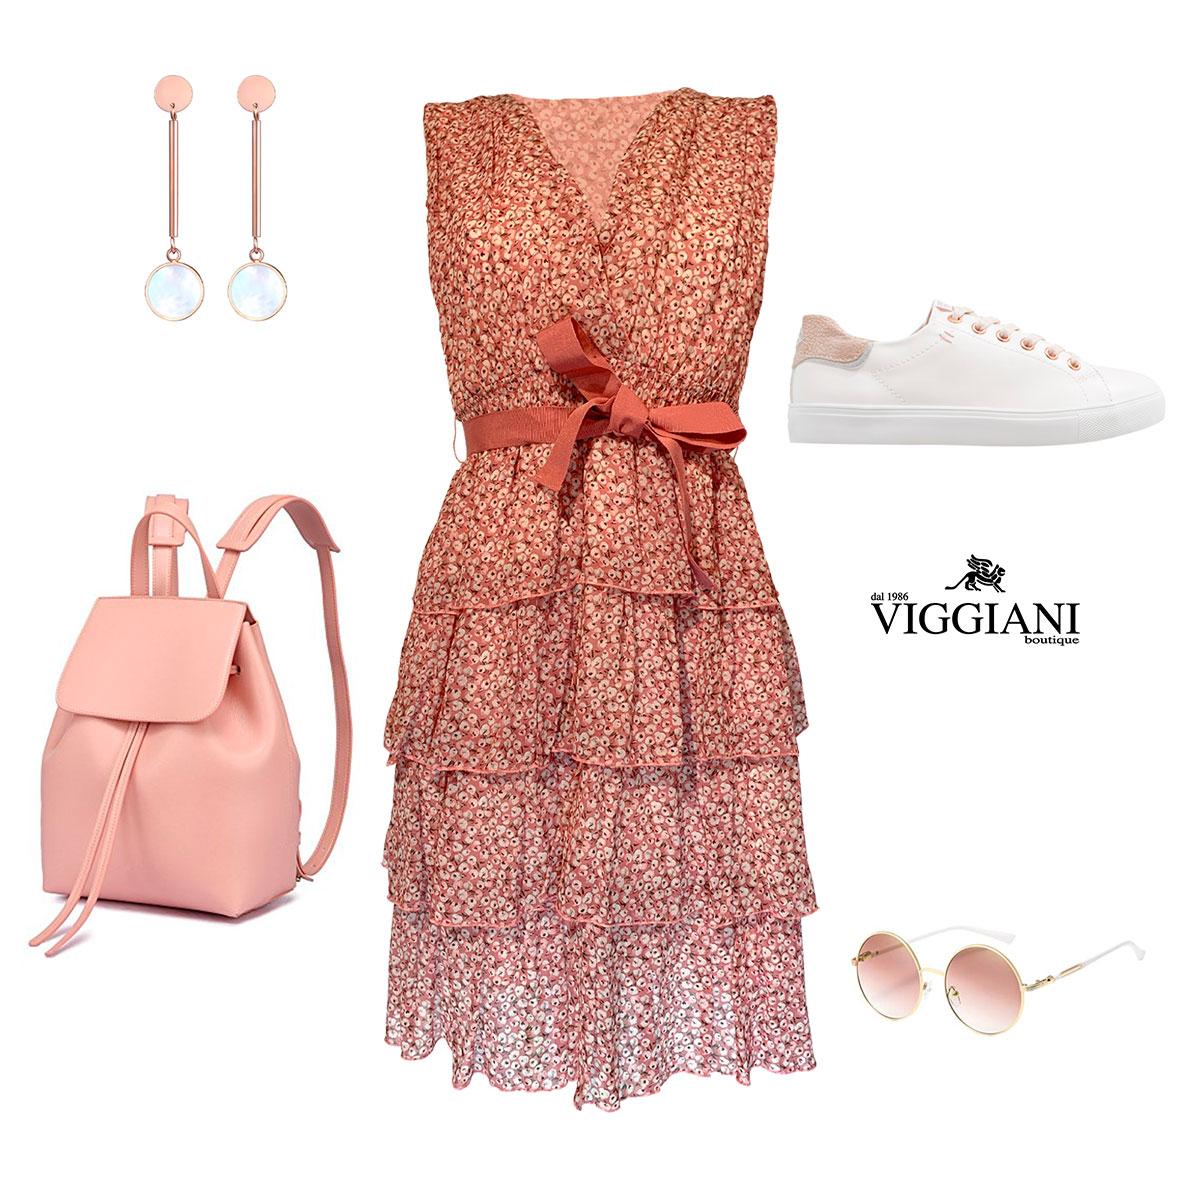 Outfit romantico Abito a balze a fantasia floreale - Boutique Viggiani - Shopping online - Abbigliamento donna casual e cerimonia a Pisticci